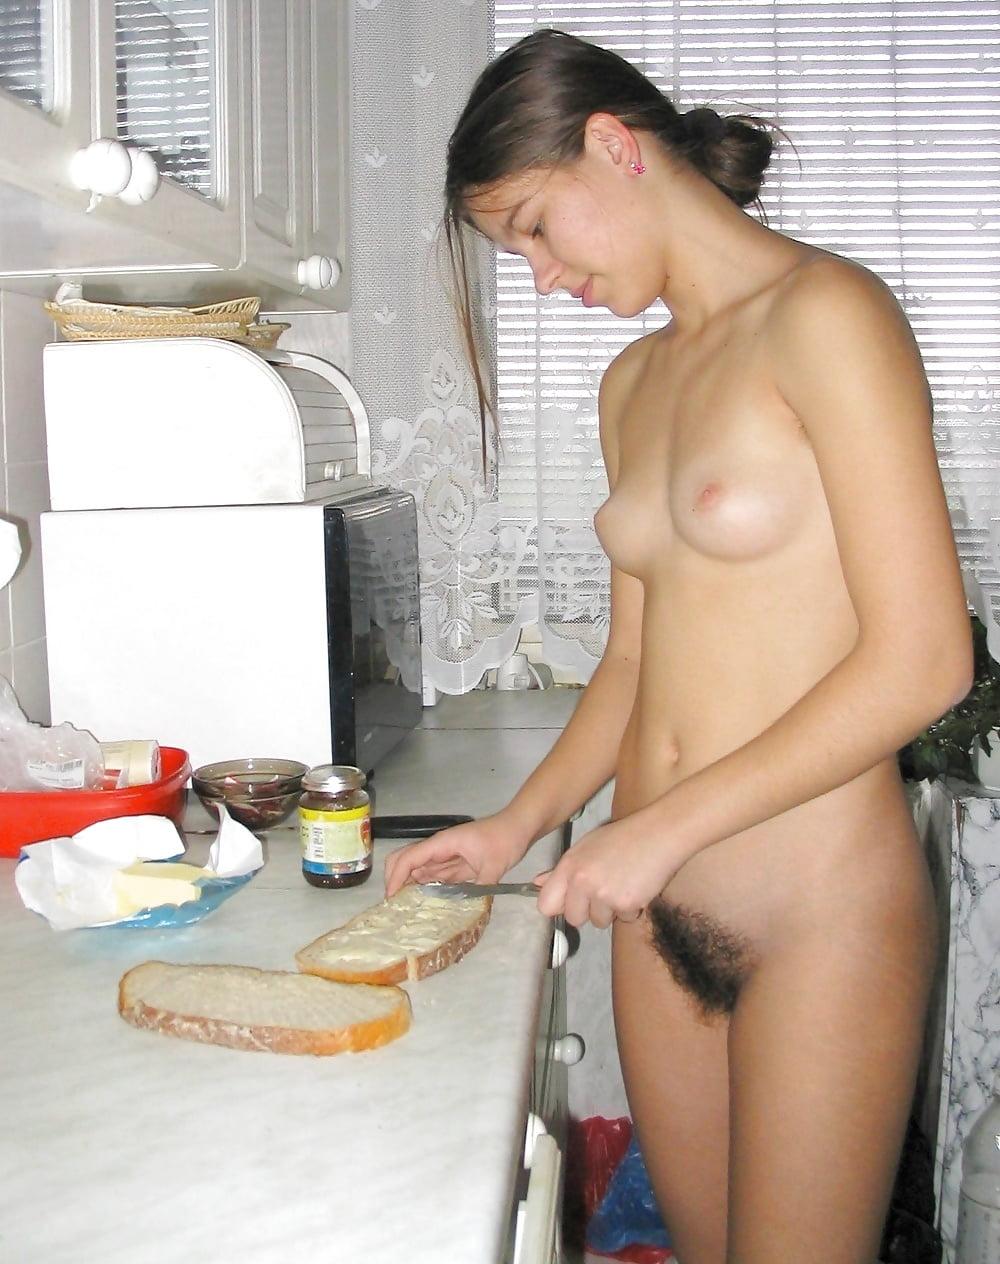 устроить мужу эротическое раздевание порно фото